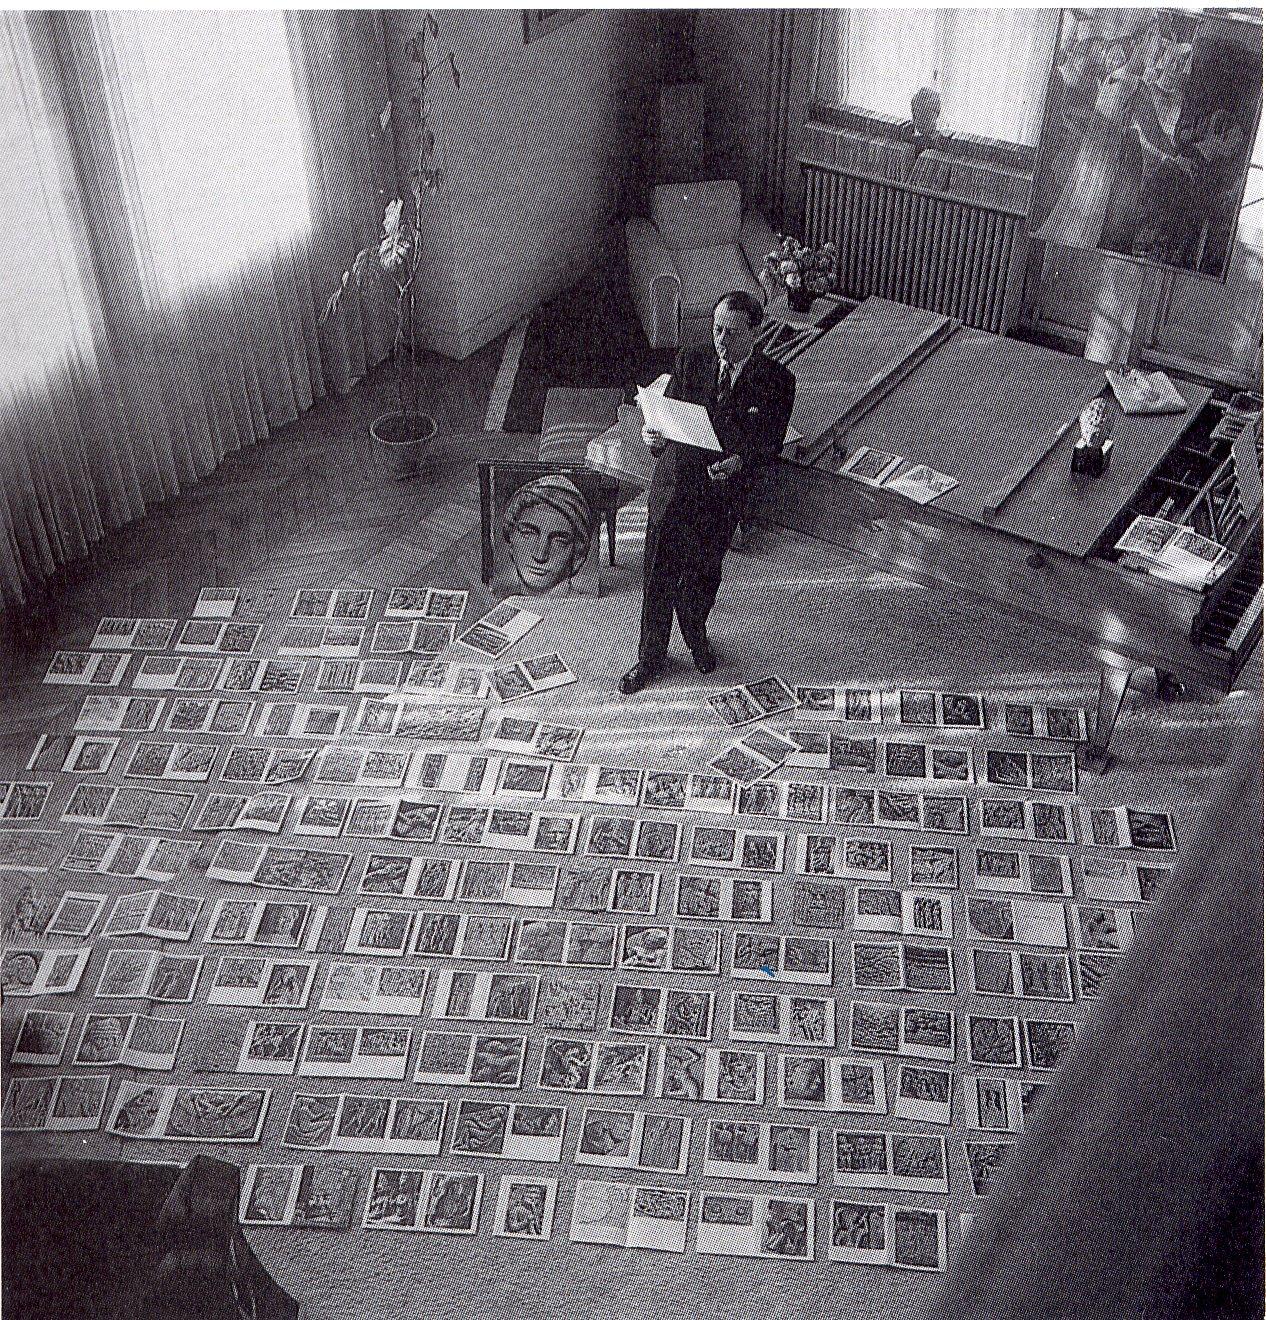 André Malraux, Le Musée Imaginaire (1947). Fotografía de Maurice Jarnoux, 1953. (Fuente: nowwwh.tumblr.com).